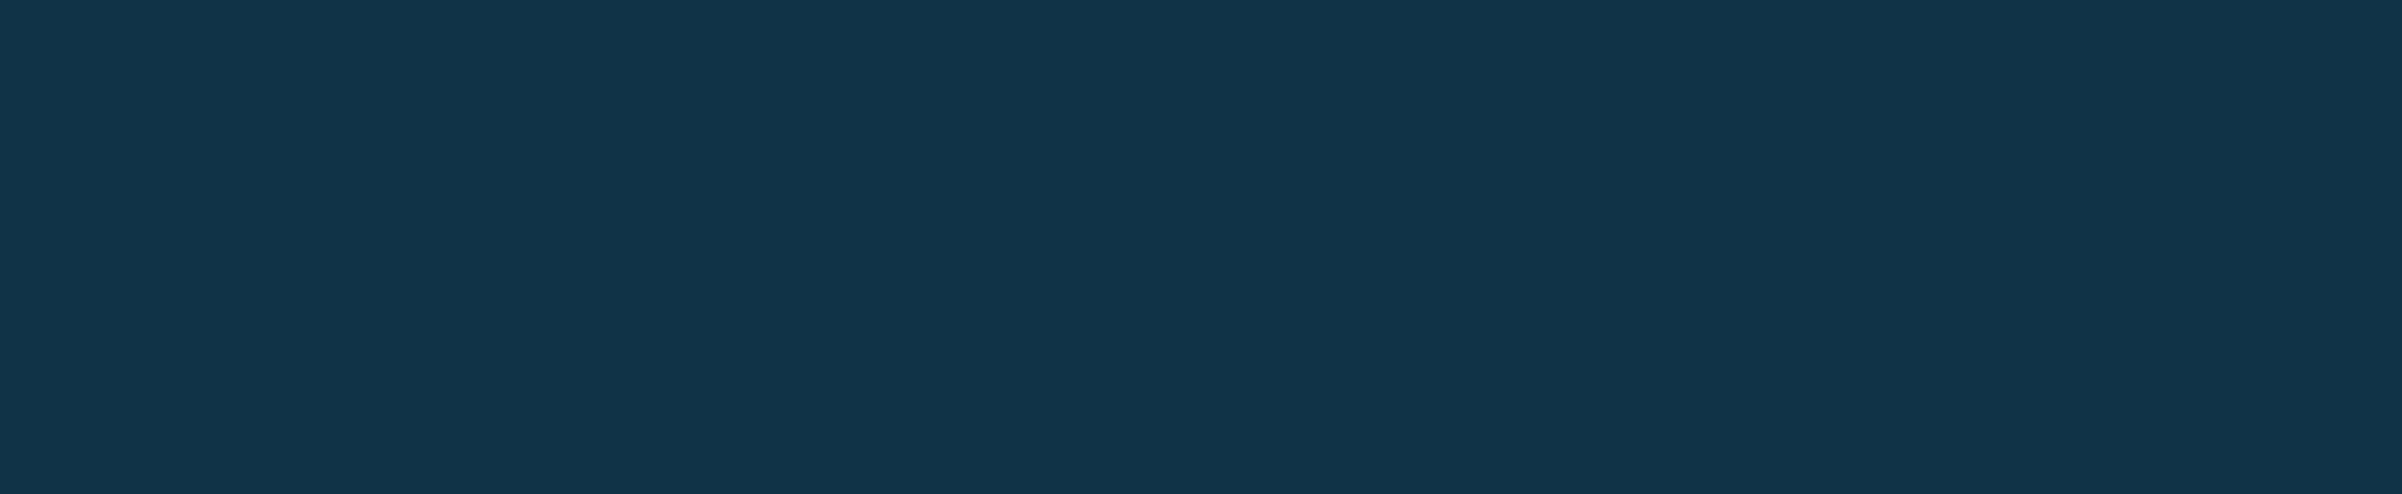 金沢市西都にモデル常設の平屋『一ノ邸』展示場の新型コロナウィルス感染対策について